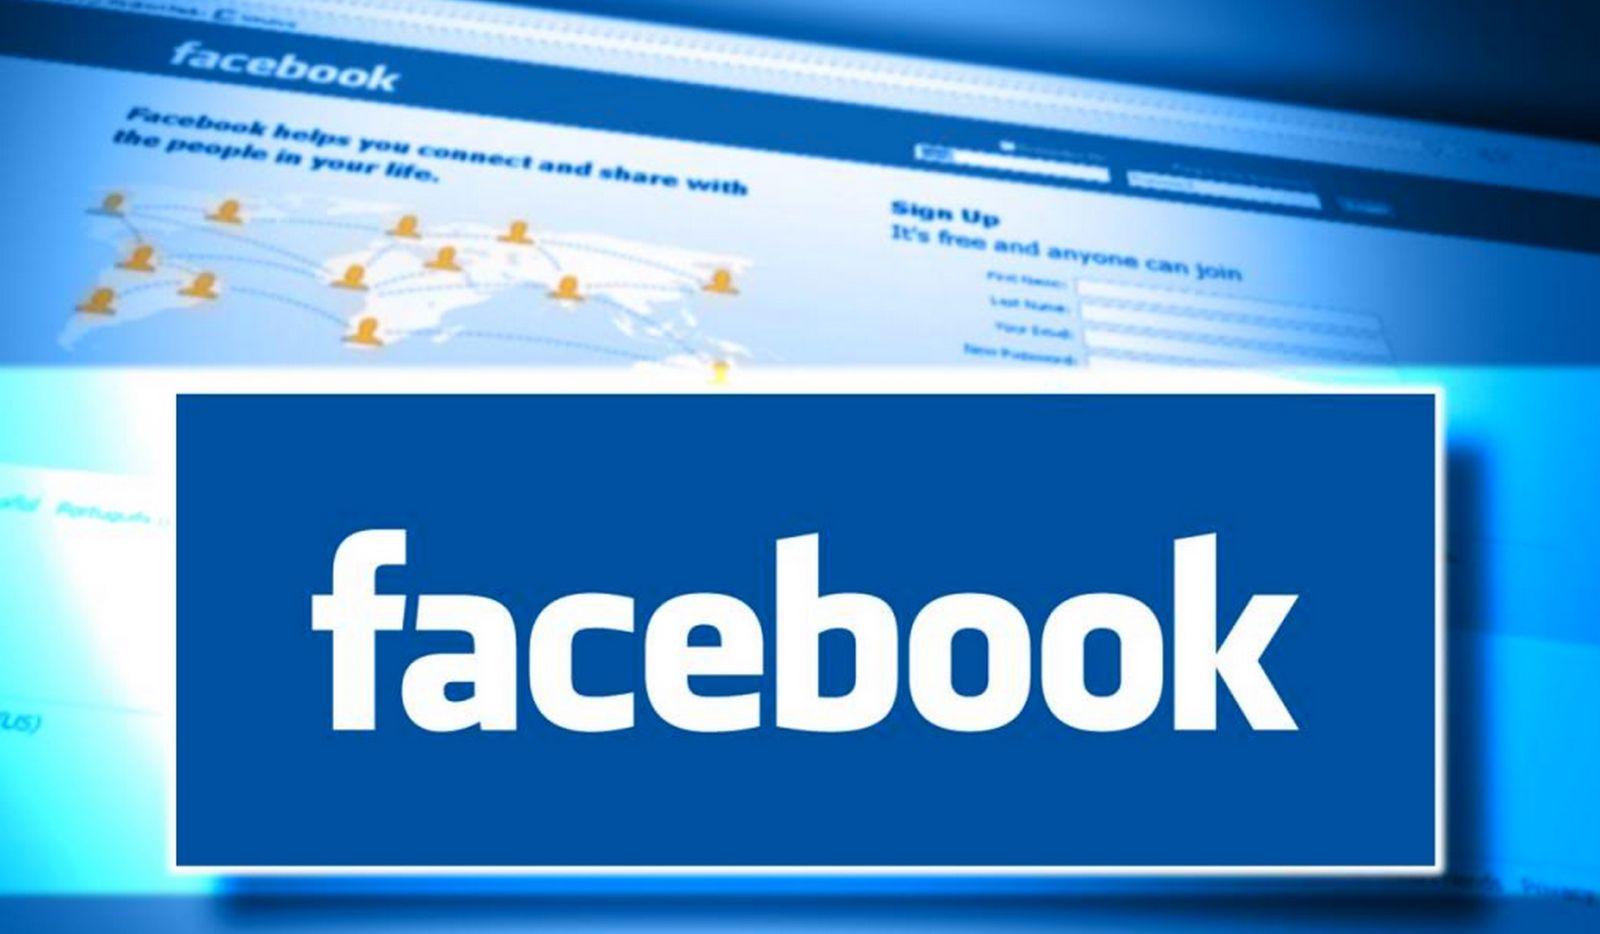 Cách vào Facebook bị chặn mới nhất 2018